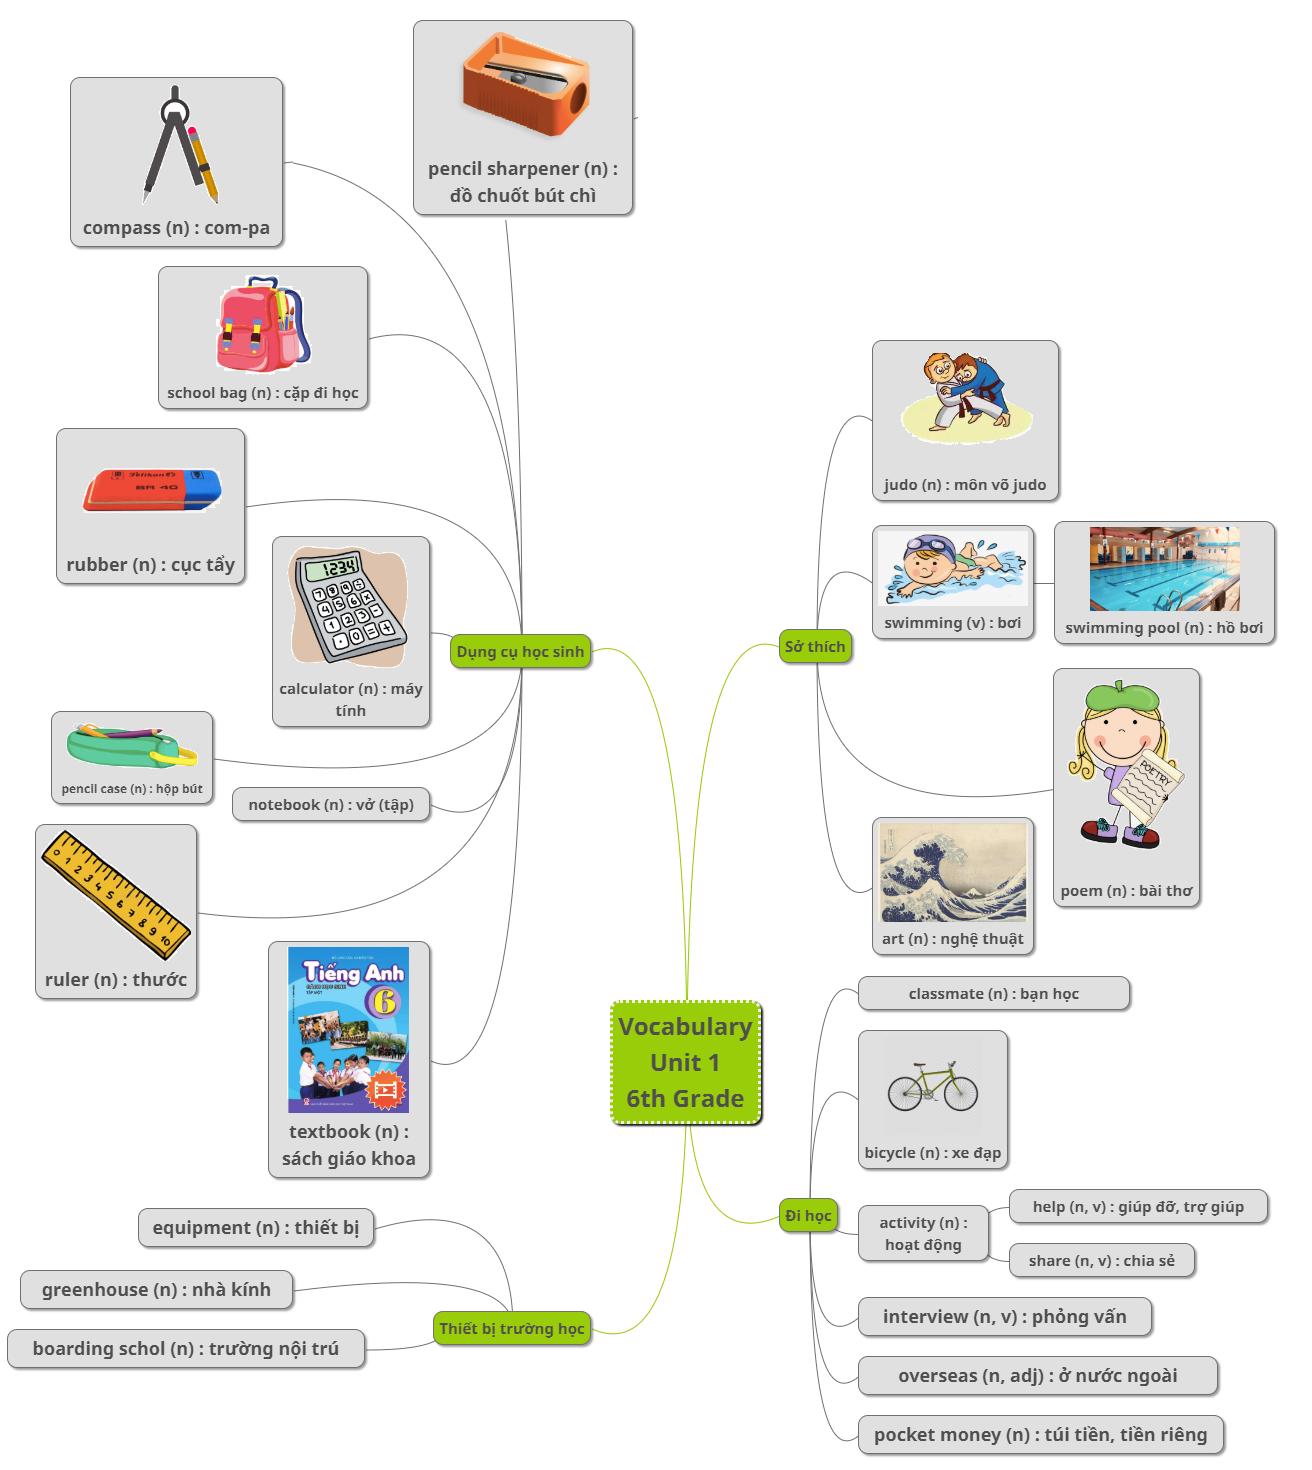 Bảng từ vựng tiếng Anh lớp 6 Unit 1 chương trình mowsii theo sơ đồ Mind Mapping